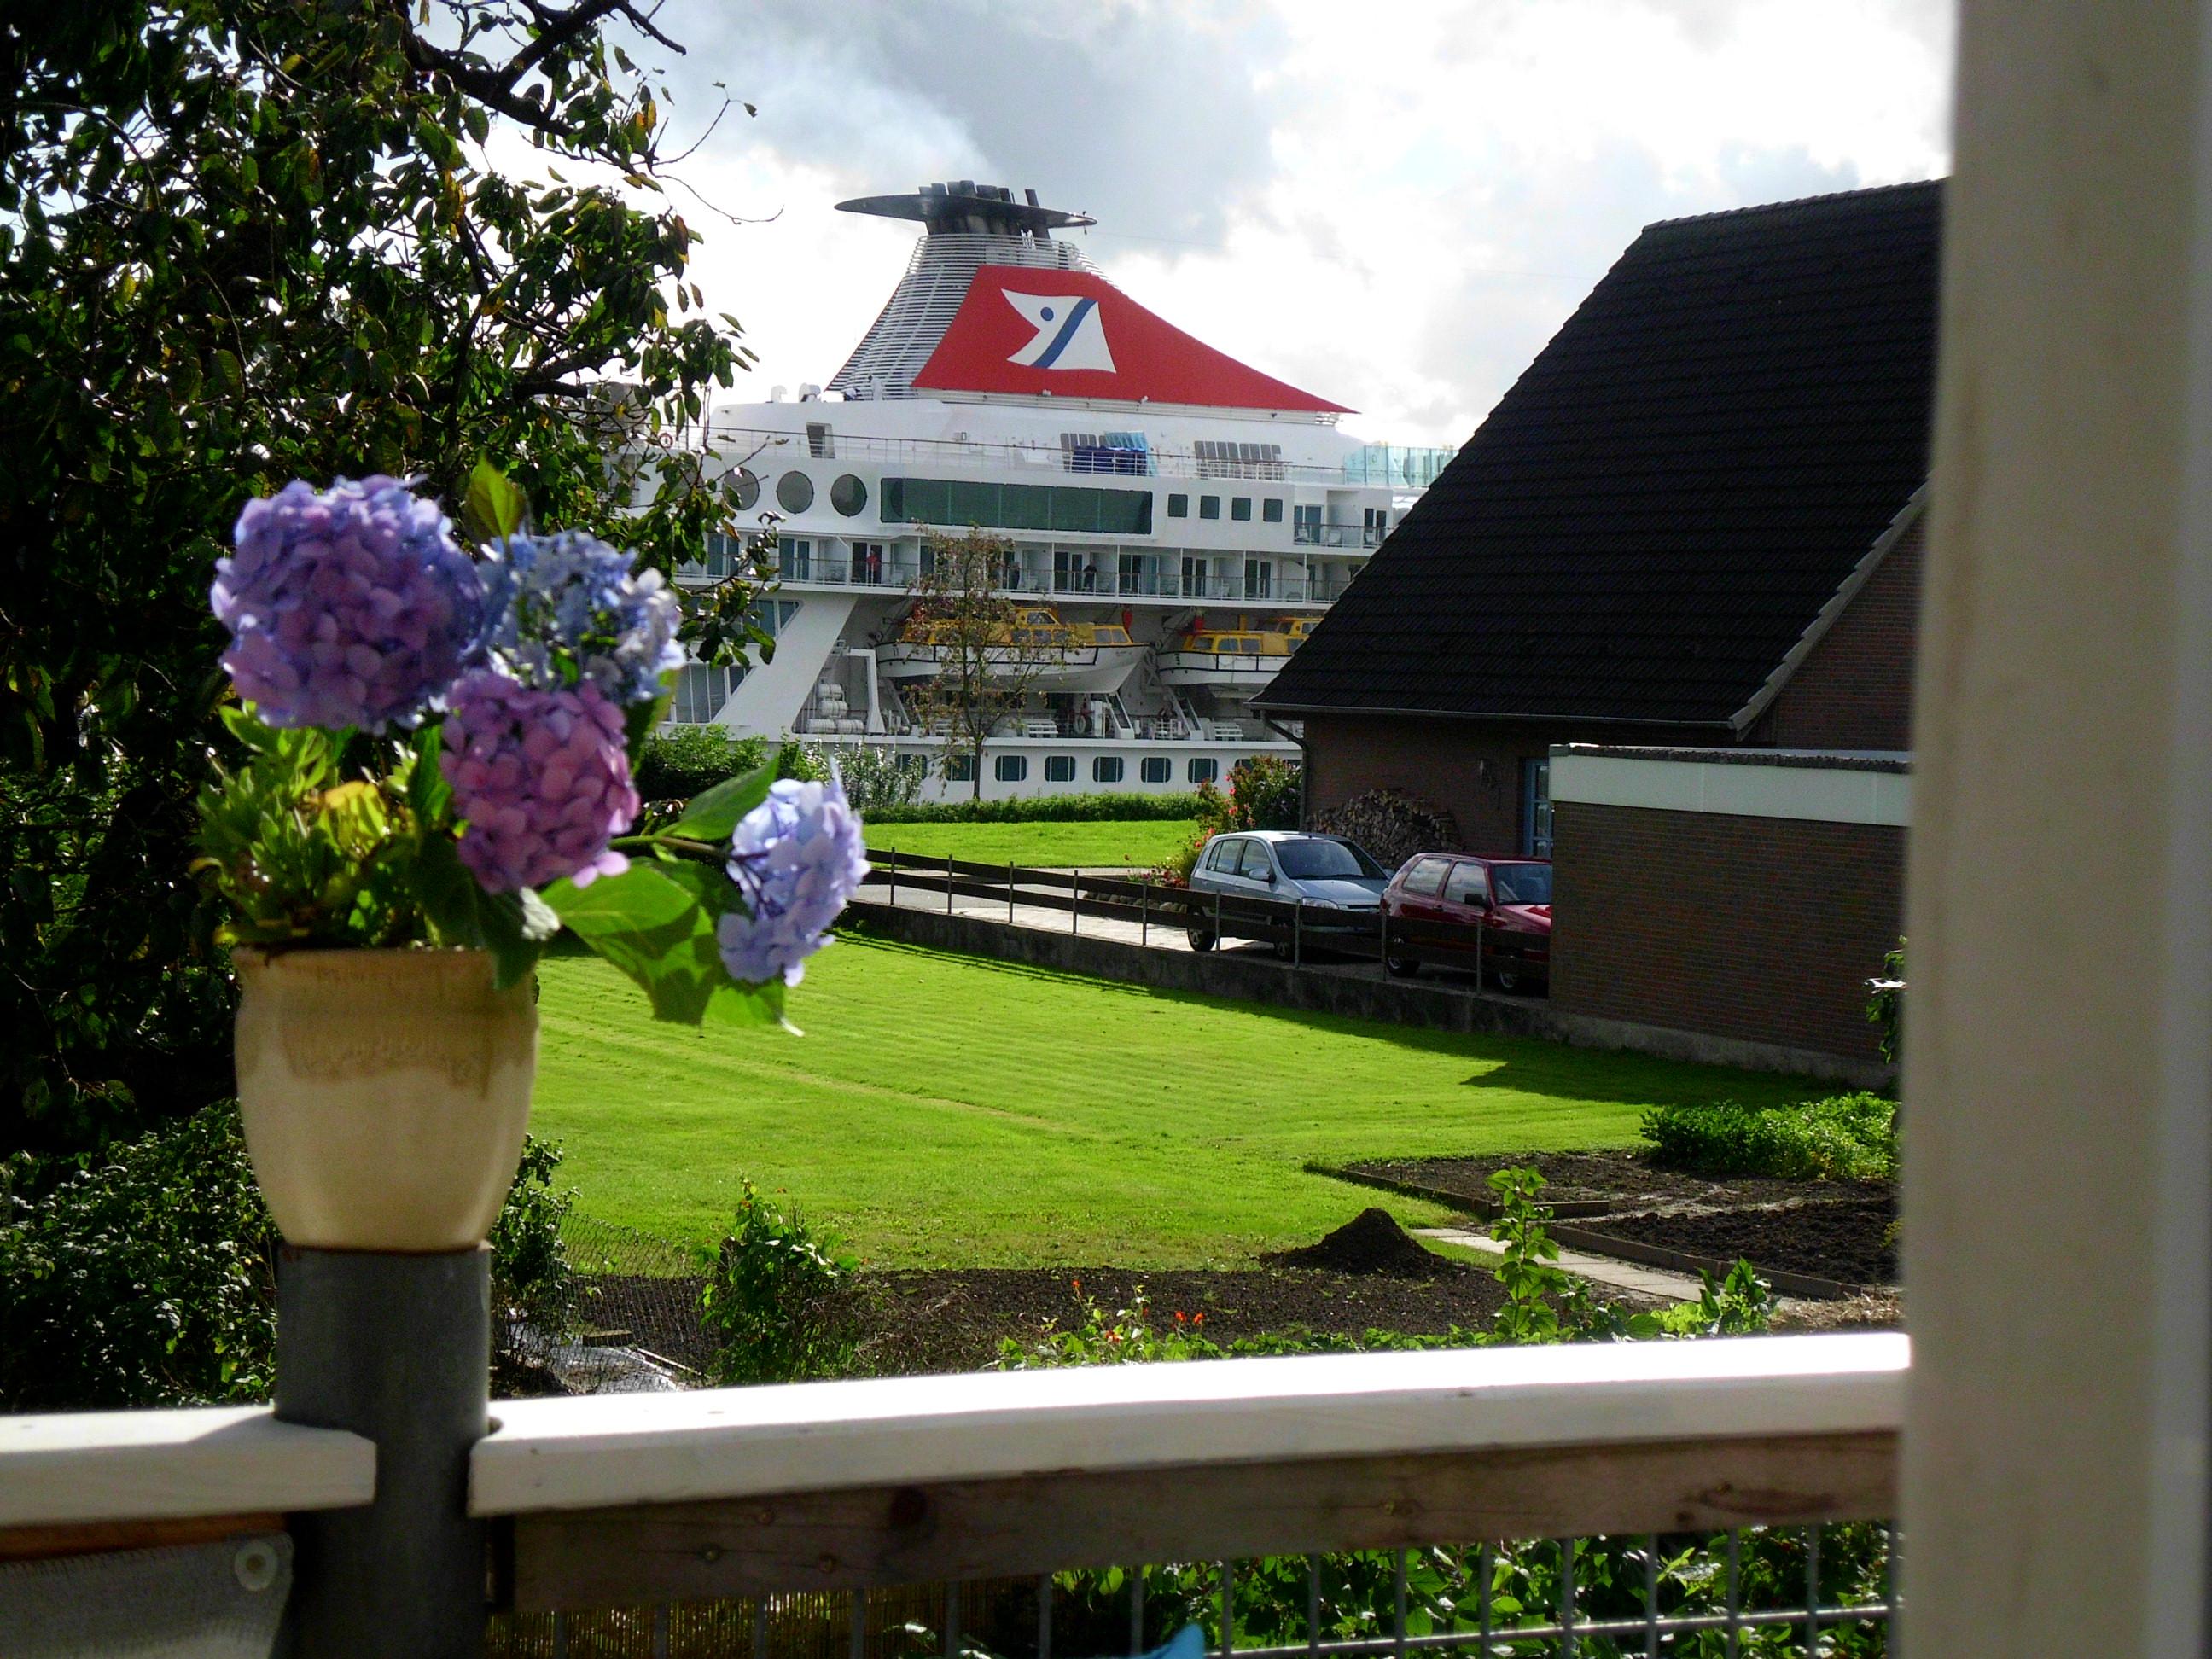 Das Schiff Balmoral fährt durchs Land, vom Land aus gesehen.  Beim Ort Sehestedt. Es sind nur die Oberbautem die sehen. Im Vordergrund der Balkon eines Wohnhauses.